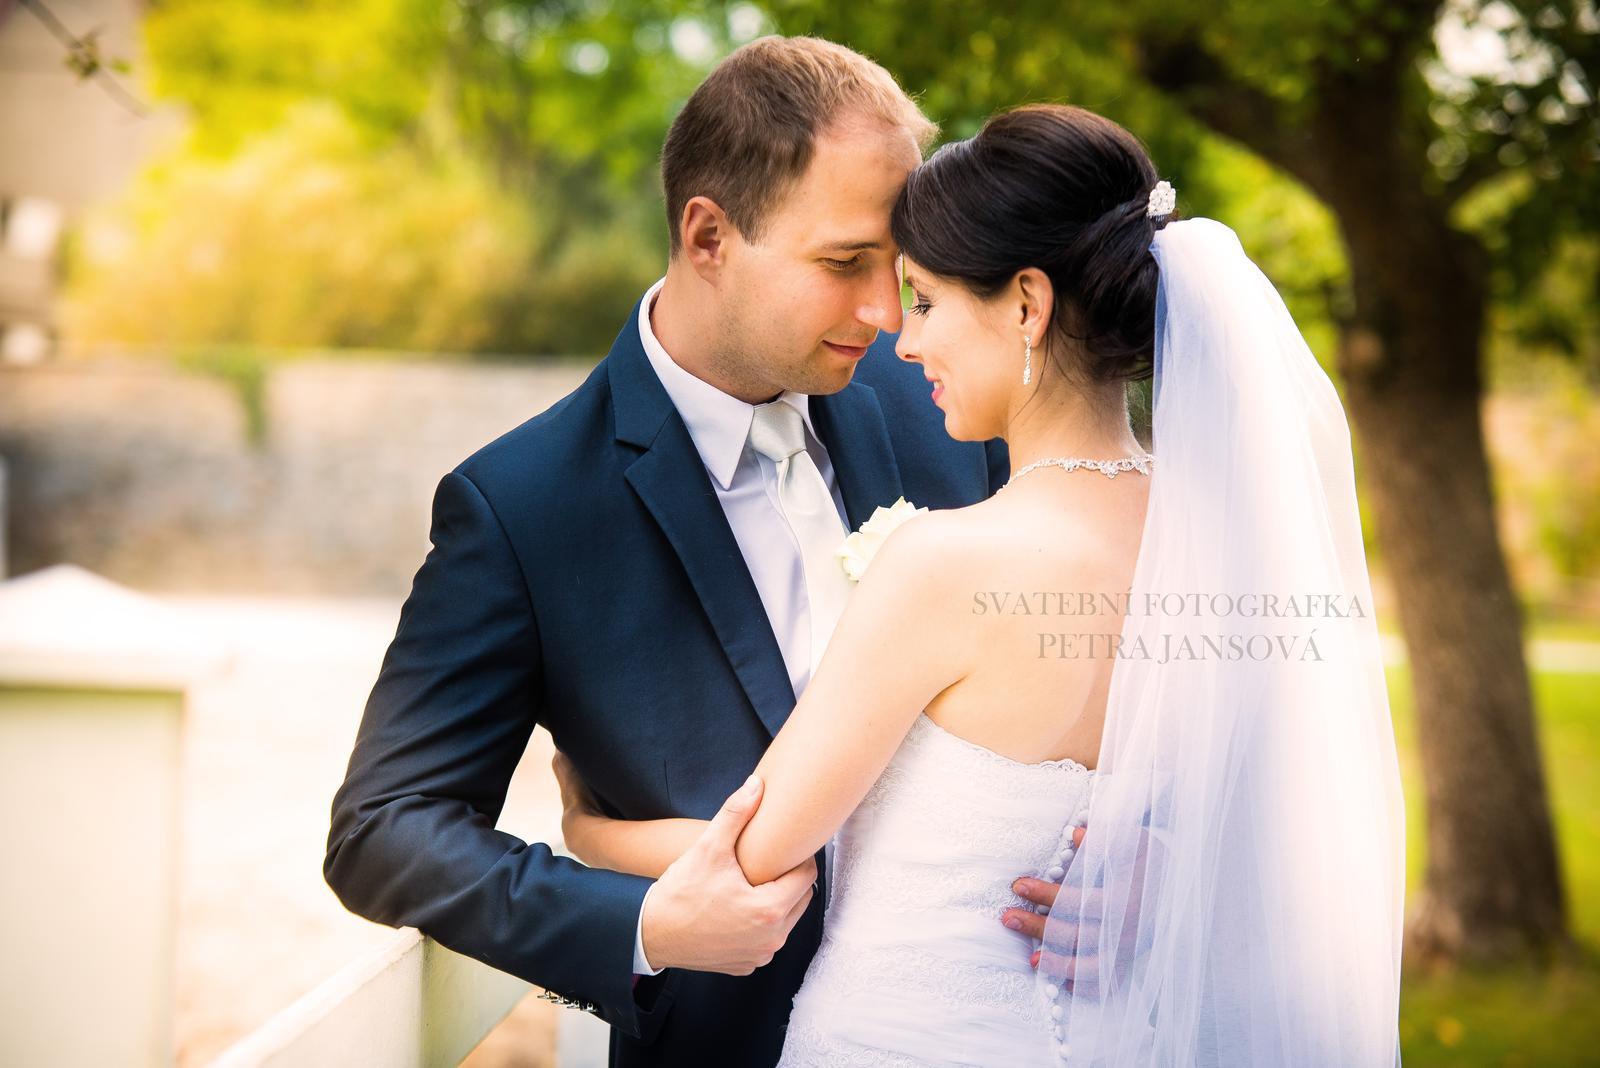 Svatební fotografie - Obrázek č. 1